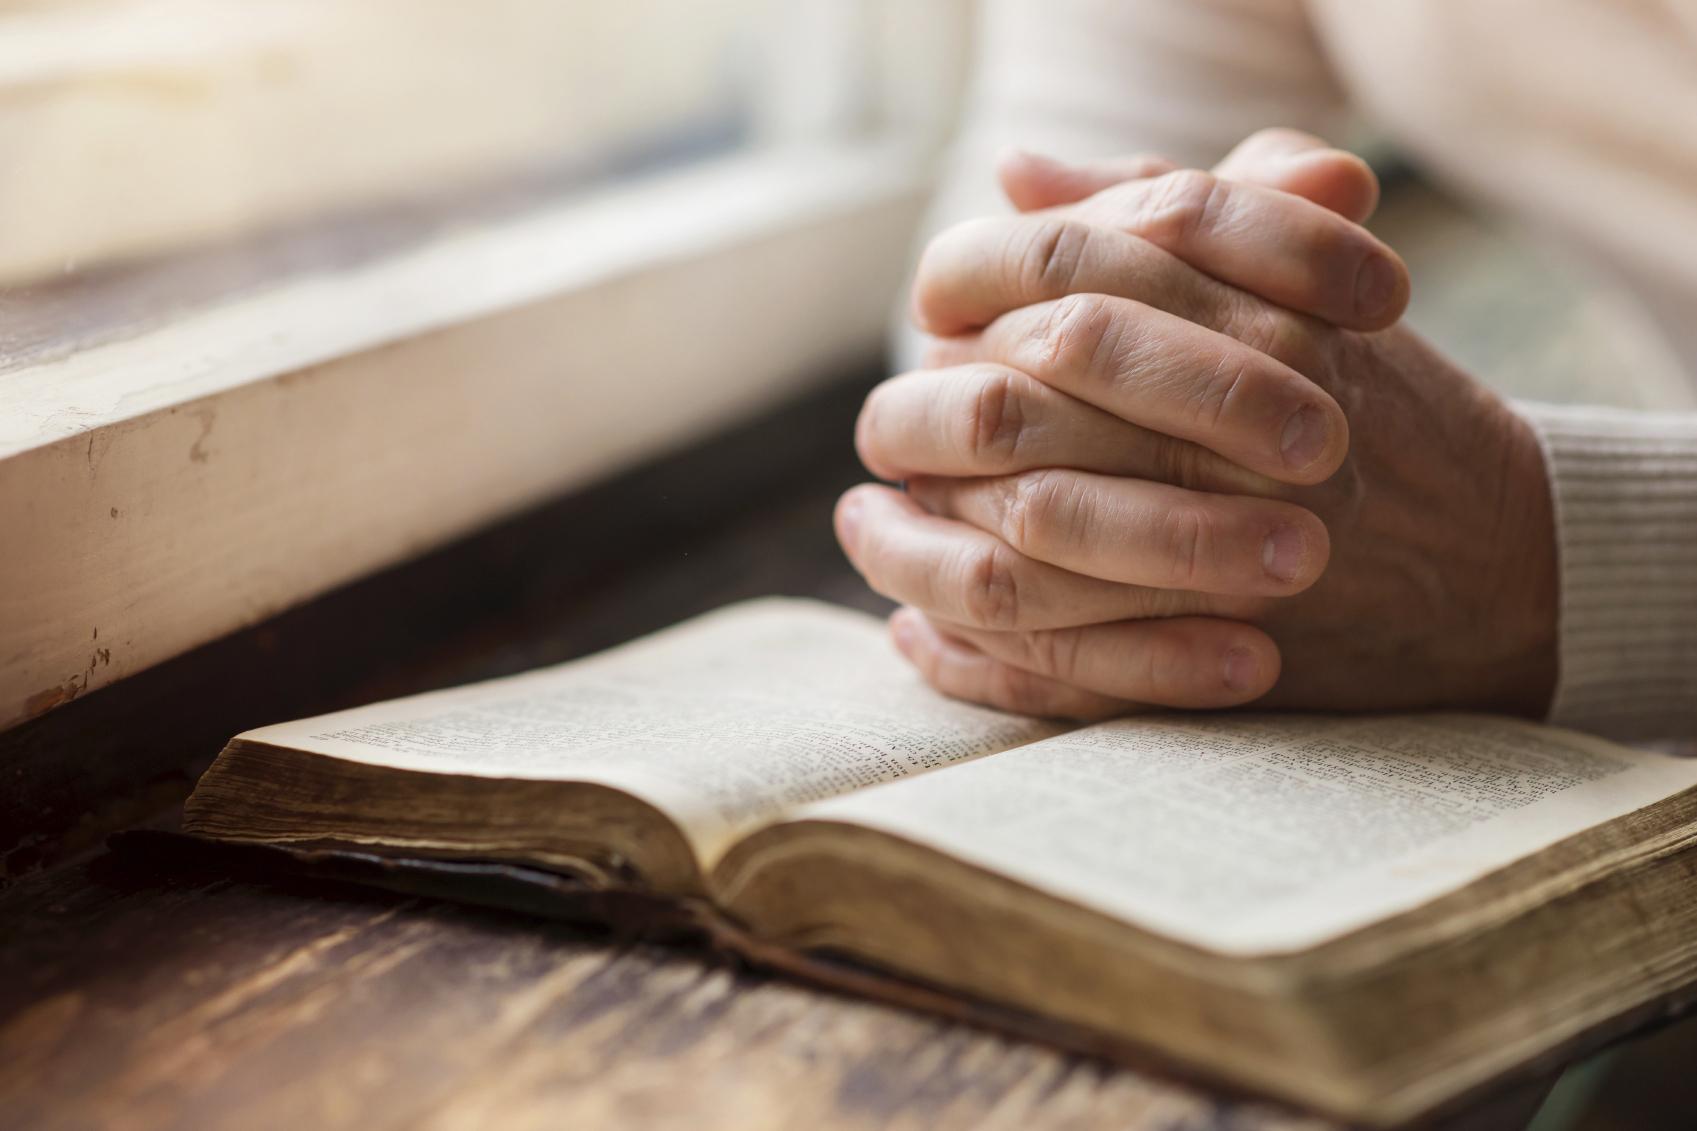 主祷文:免我们的债